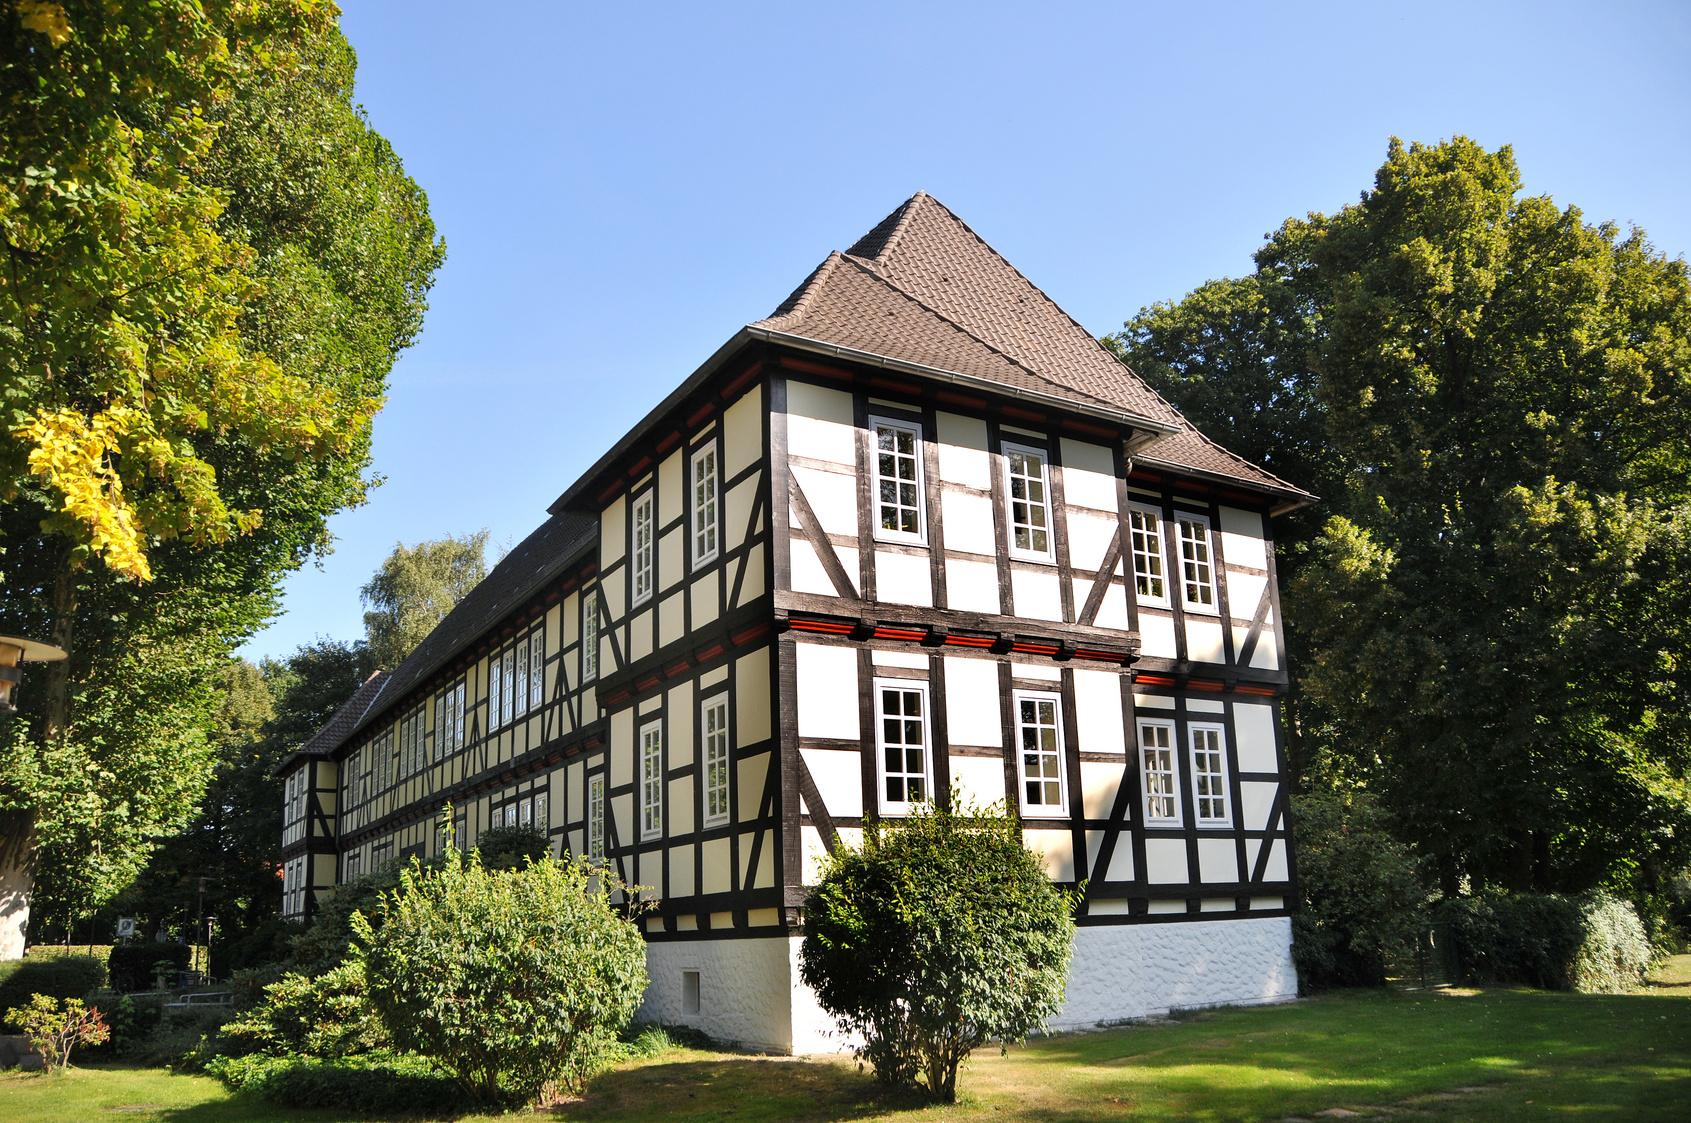 Haushaltsauflösung und Entrümpelung in Burgdorf